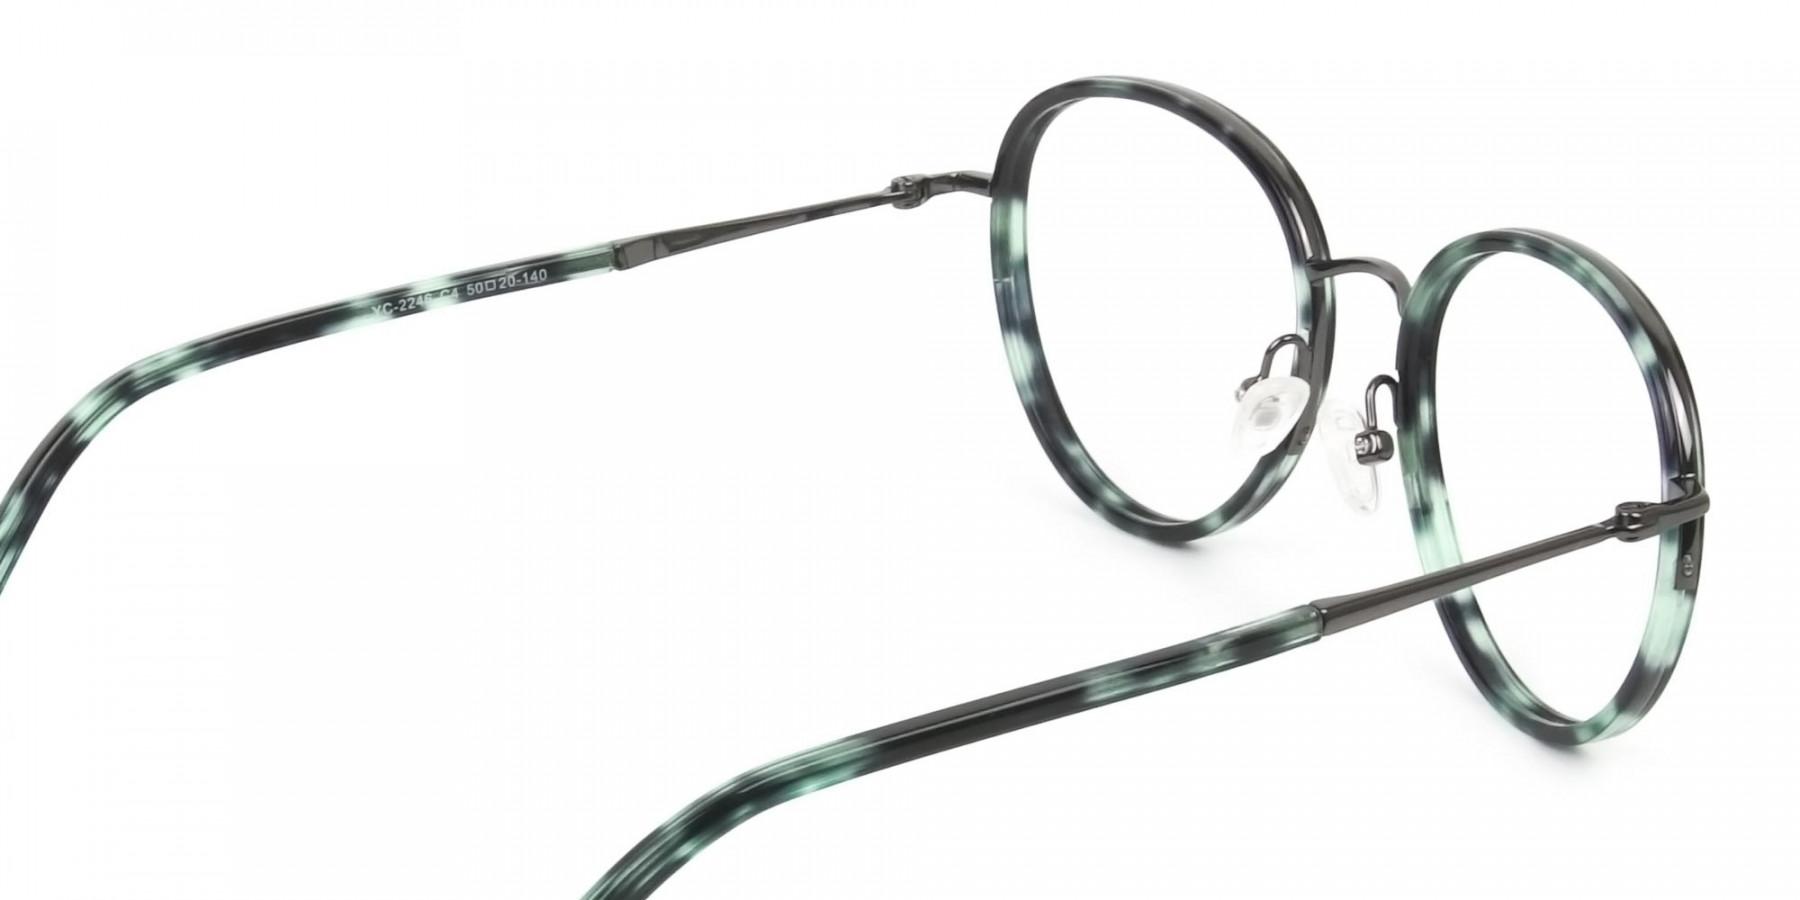 Gunmetal & Jade Green Glasses Frames - 1